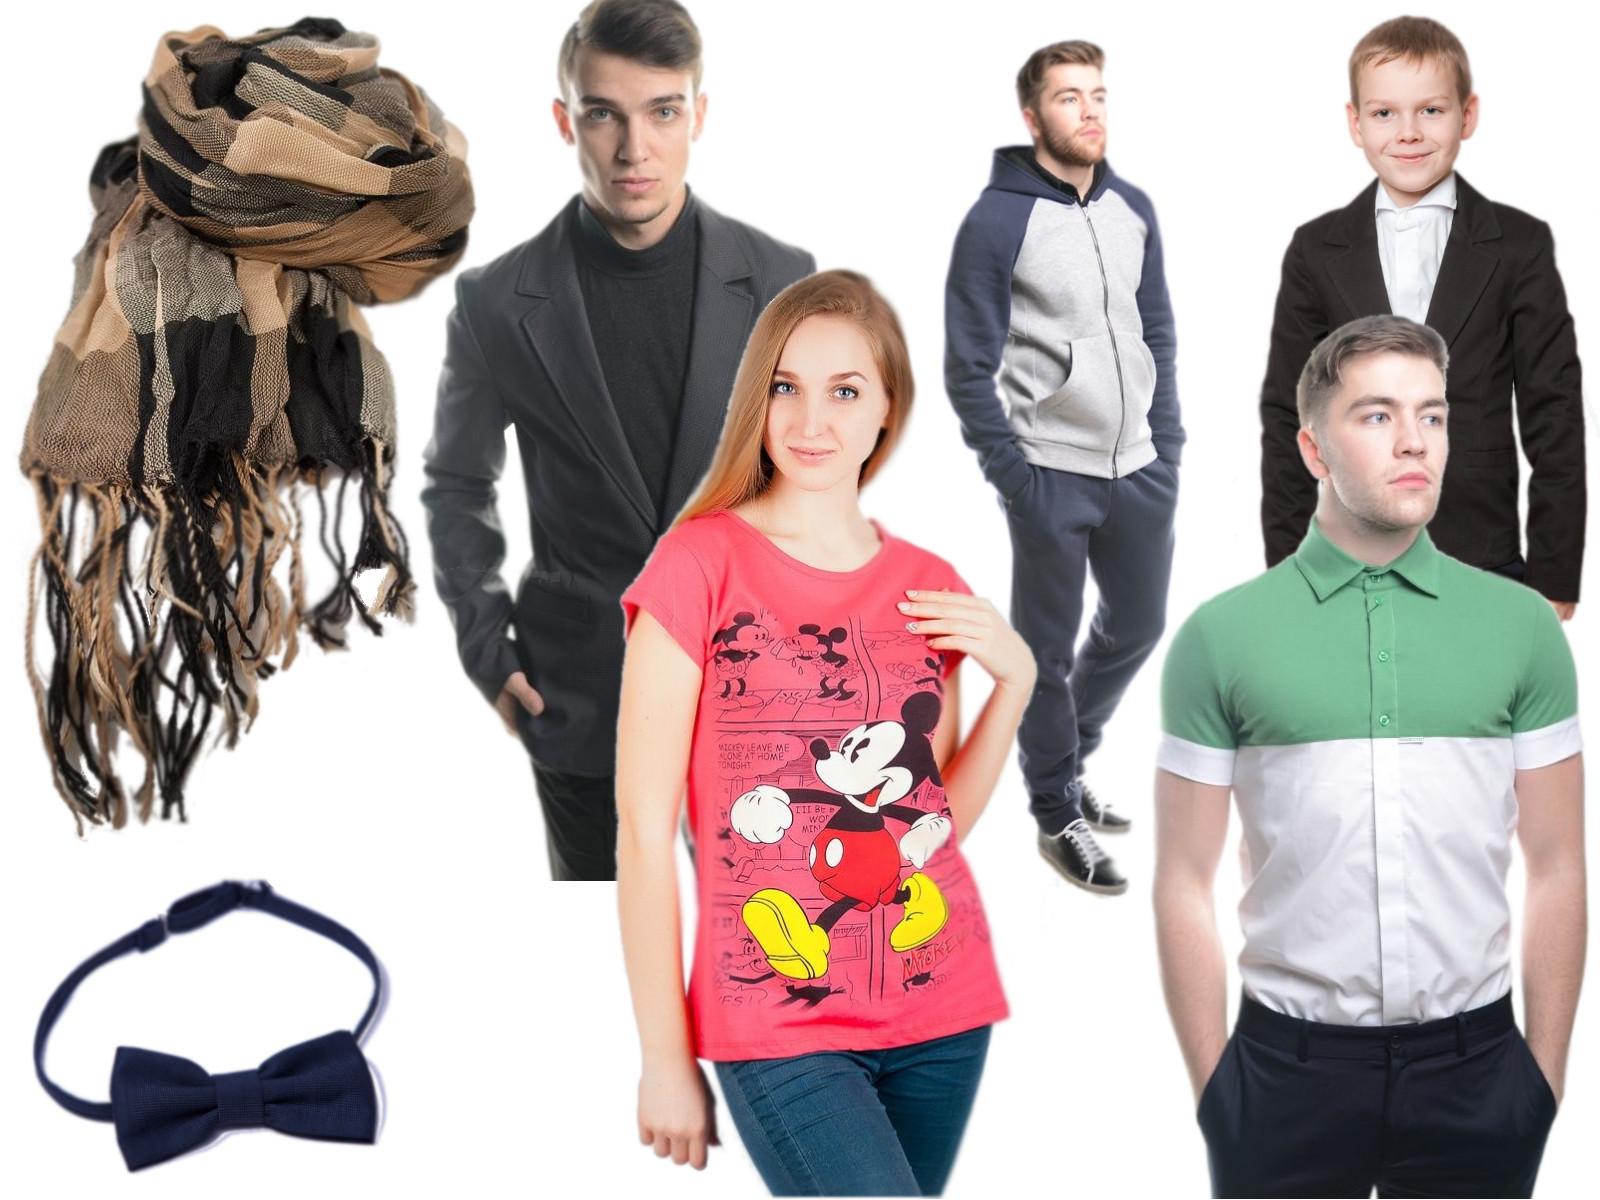 Стильная мужская, женская и детская одежда TIME of STYLE (Украина). Недорого. Склад 10